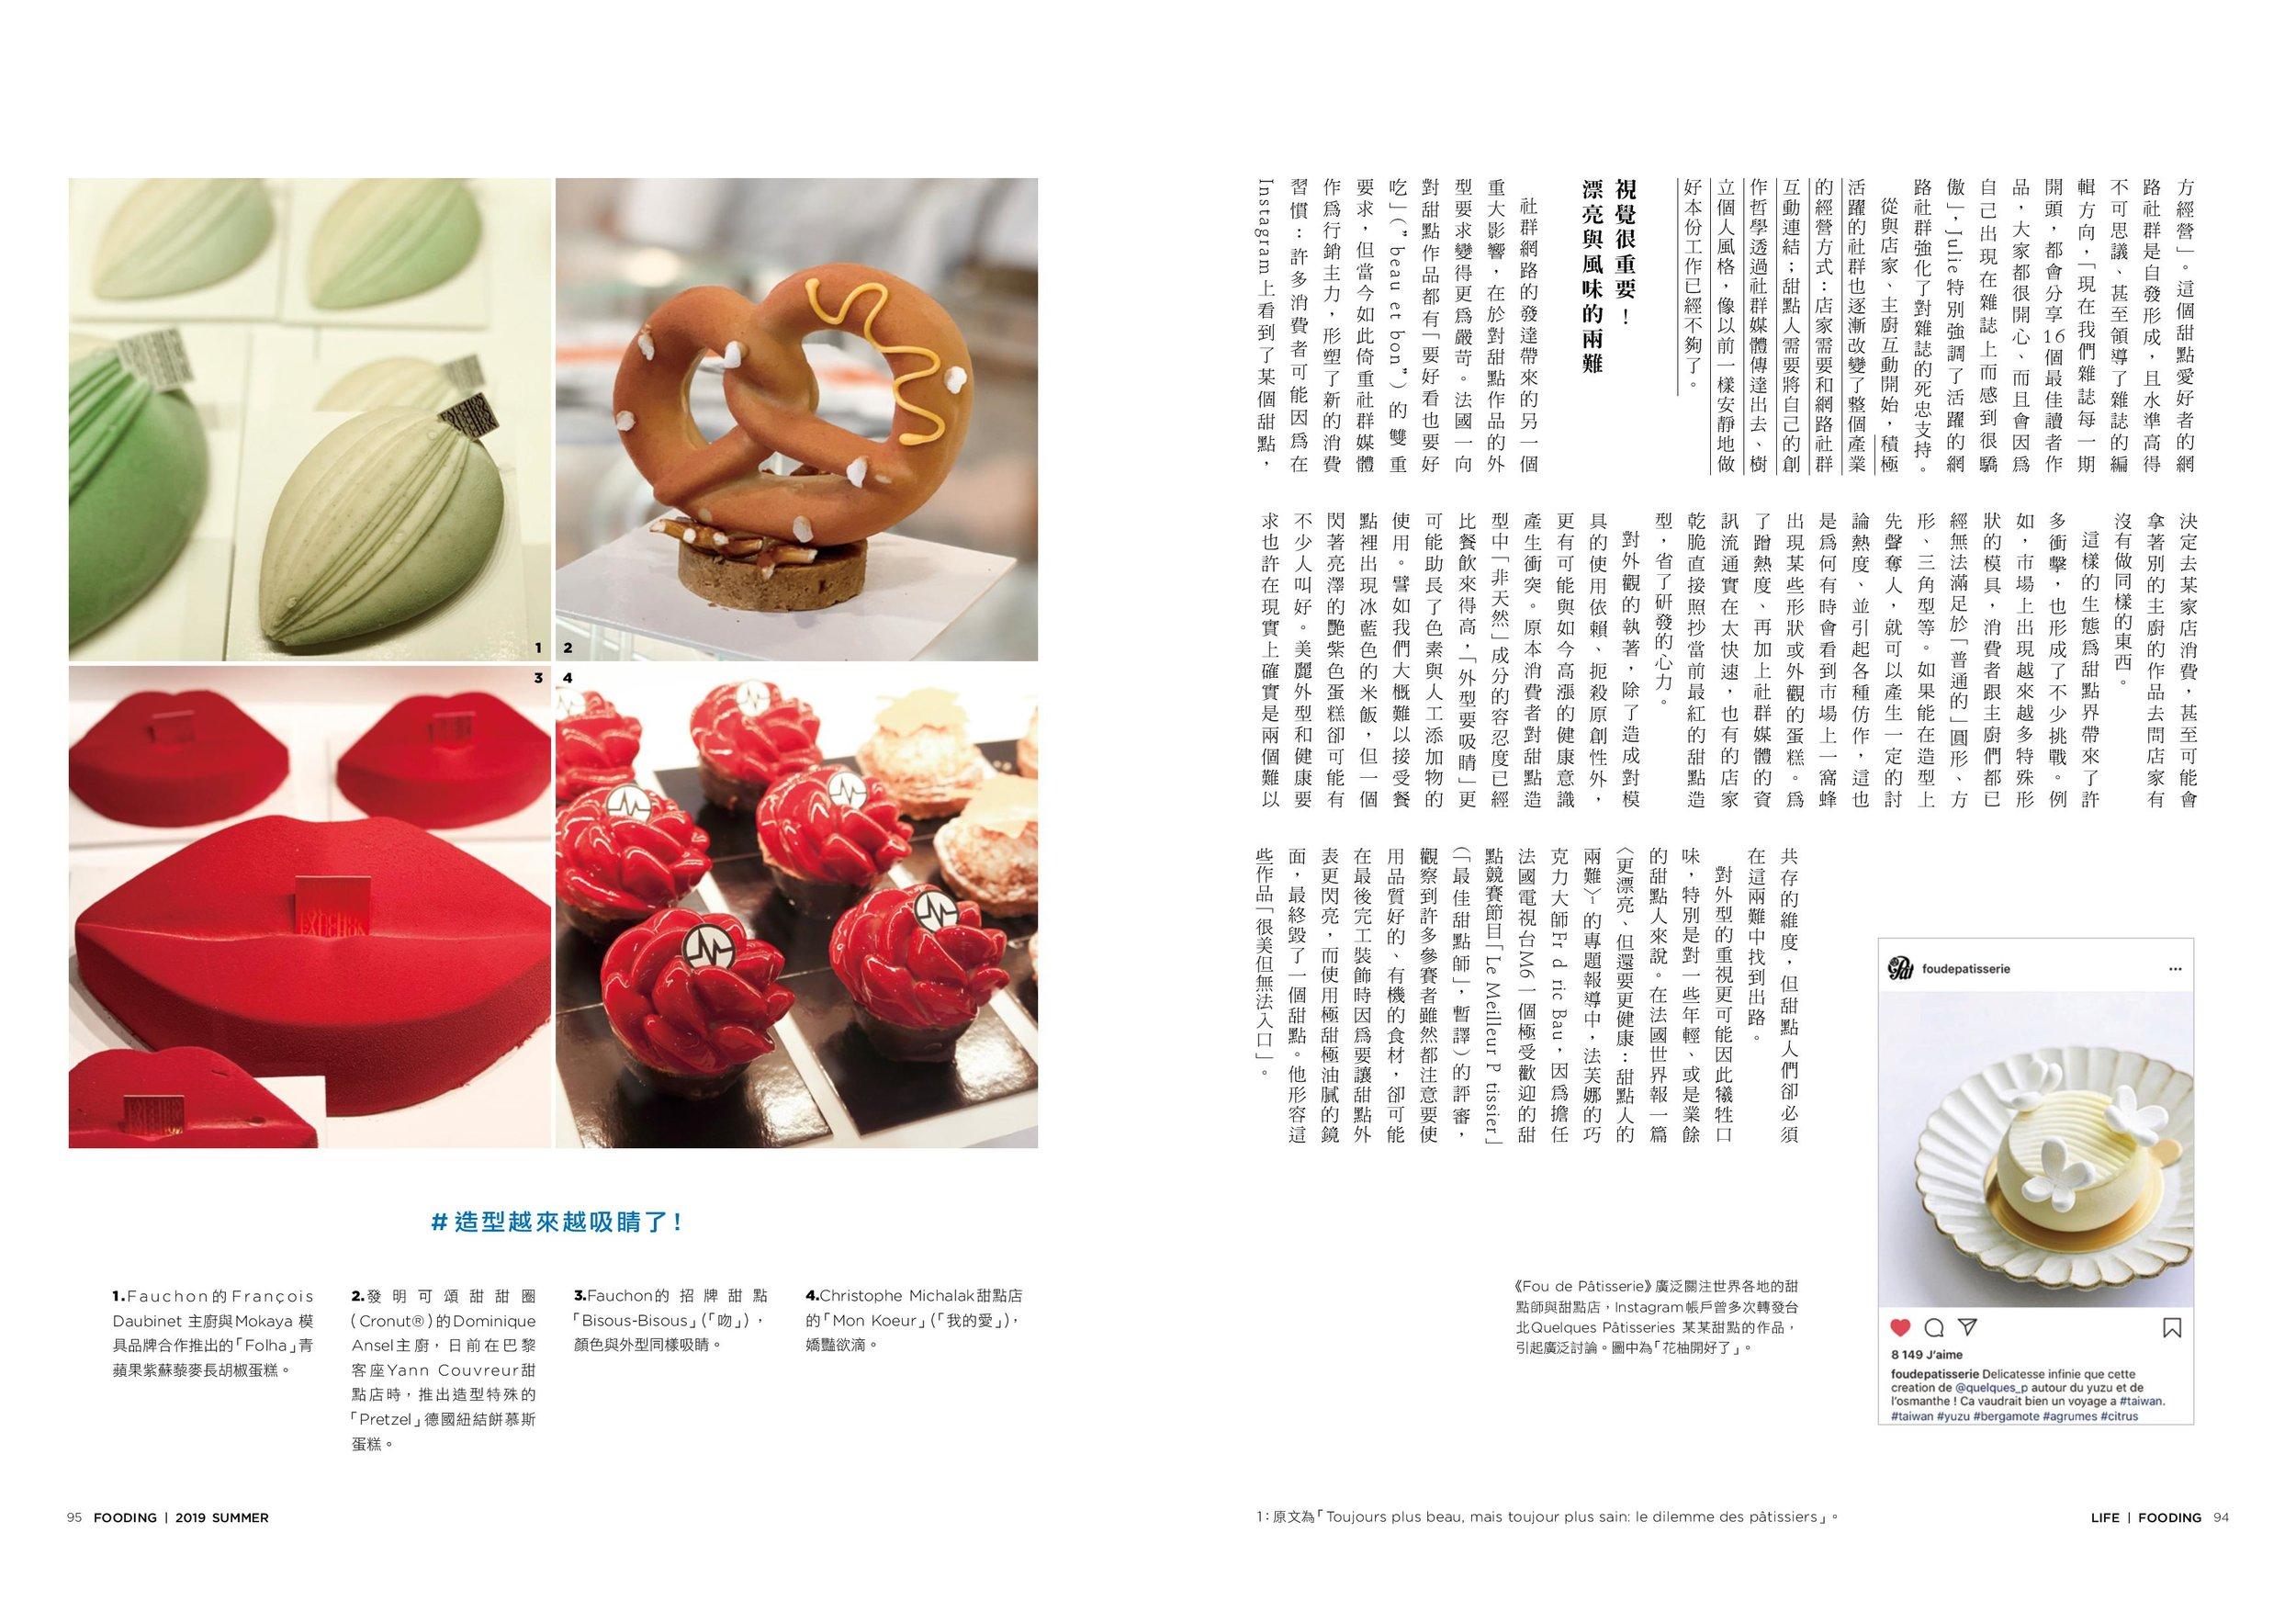 〈 IG 至上?社群媒體對法國甜點界的挑戰〉專文第 3、4 頁。( 好吃,日日好食誌 Bon Appétit!  第36期)